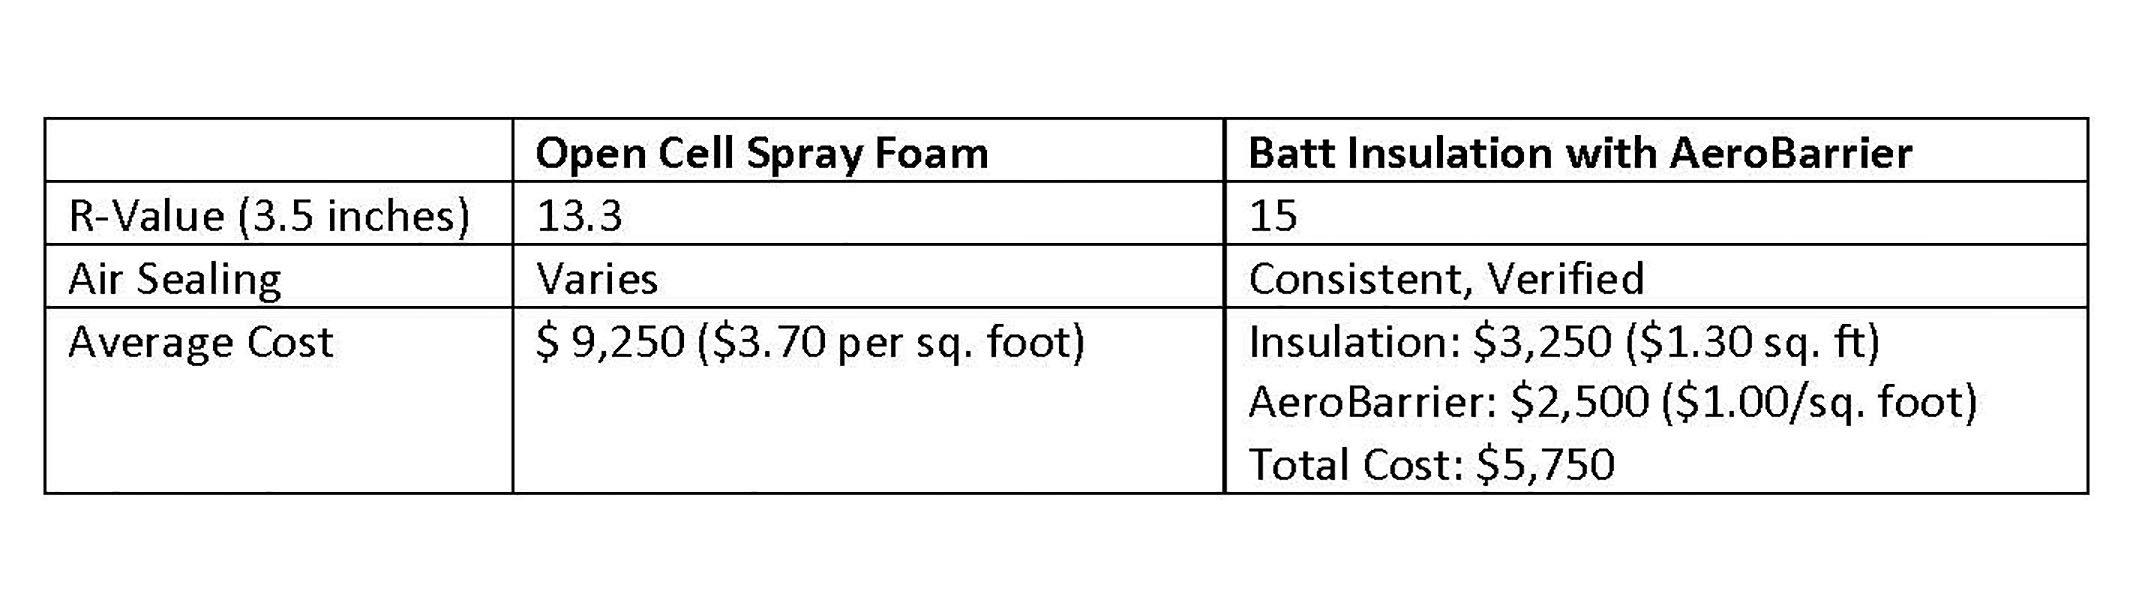 Open Cell Spray Foam resized